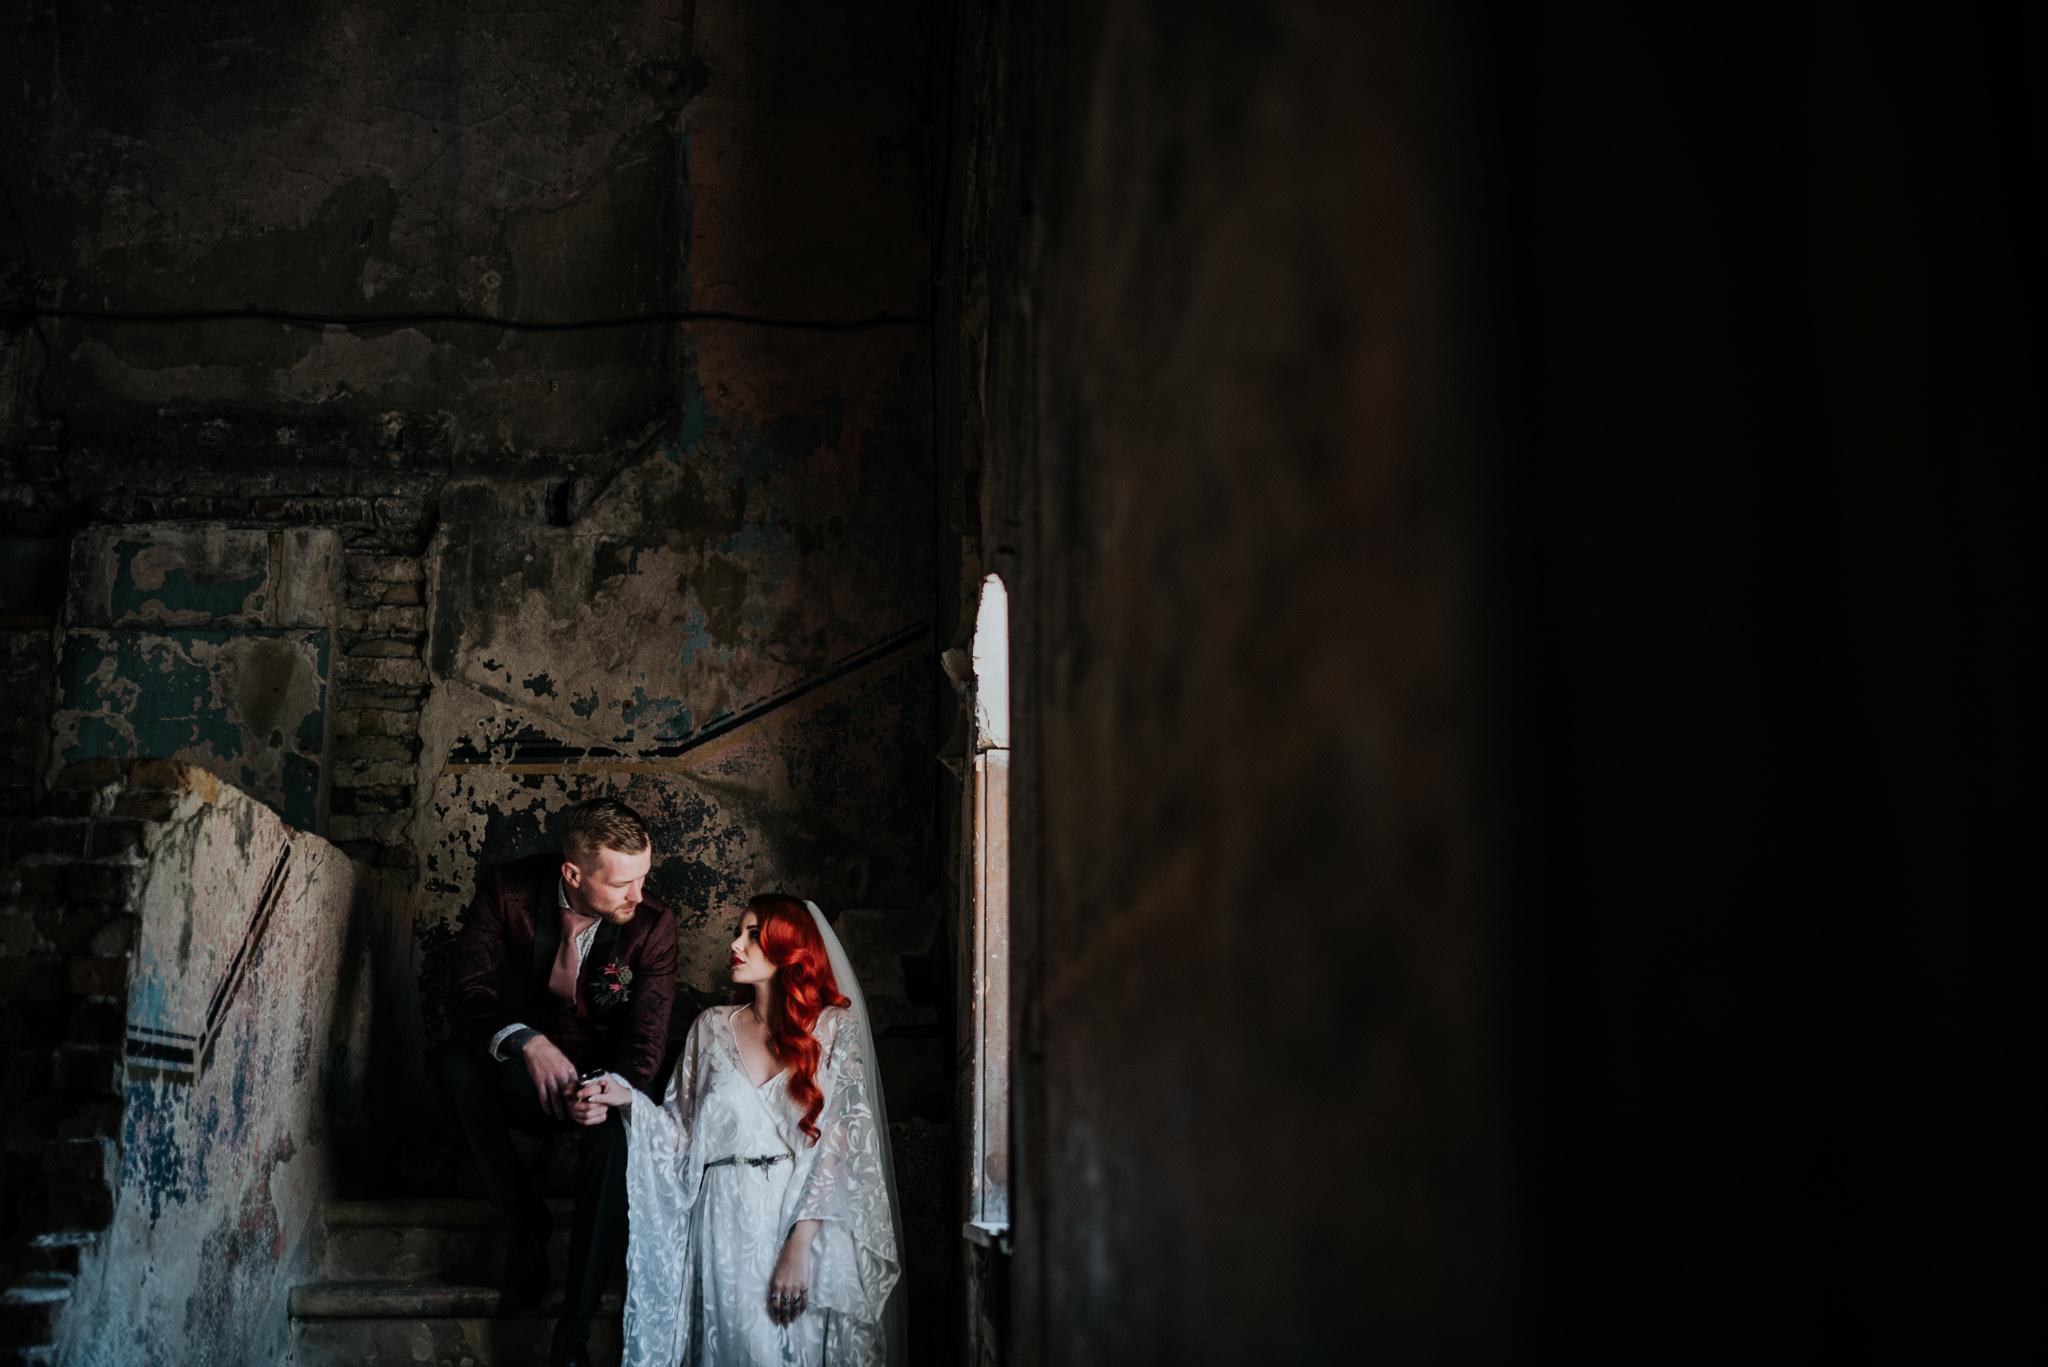 alternative chapel wedding- asylum london- unique london wedding venue- london wedding venue- Jenny Appleton Photography- dark wedding photos- edgy wedding photos